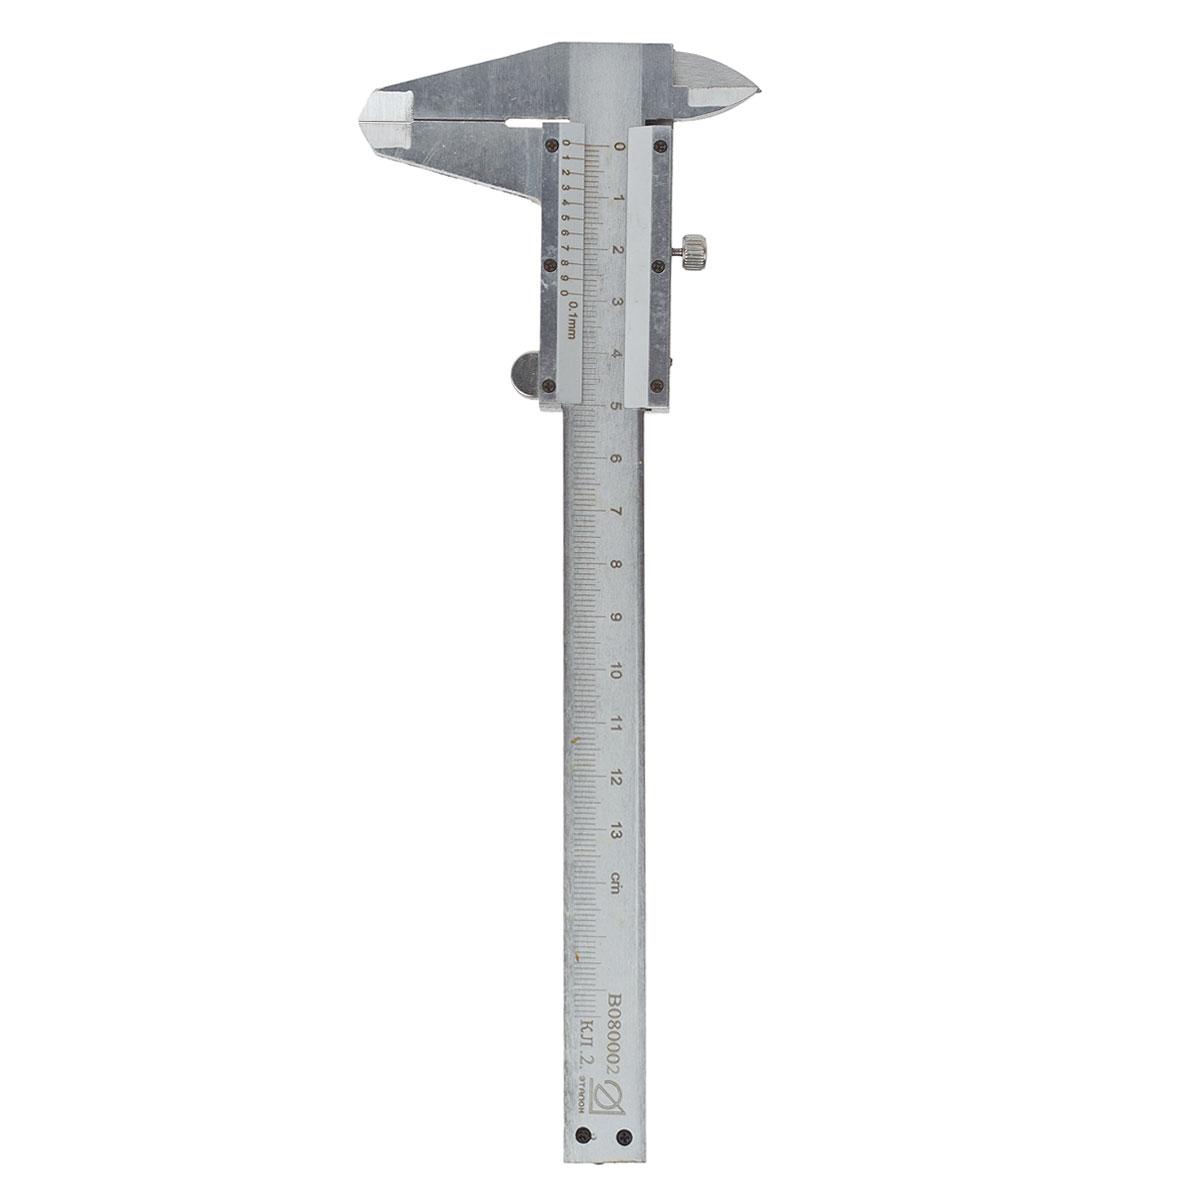 Штангенциркуль Эталон, 12,5 см2706 (ПО)Штангенциркуль предназначен для измерений наружных и внутренних линейных размеров, а так же для измерения глубин. Применяется в машиностроении, приборостроении и других отраслях промышленности. Характеристики: Материал: металл. Длина штангенциркуля: 21 см. Цена деления: 0,1 мм. Класс точности: 2.Размер упаковки: 23 см х 9 см х 0,5 см.